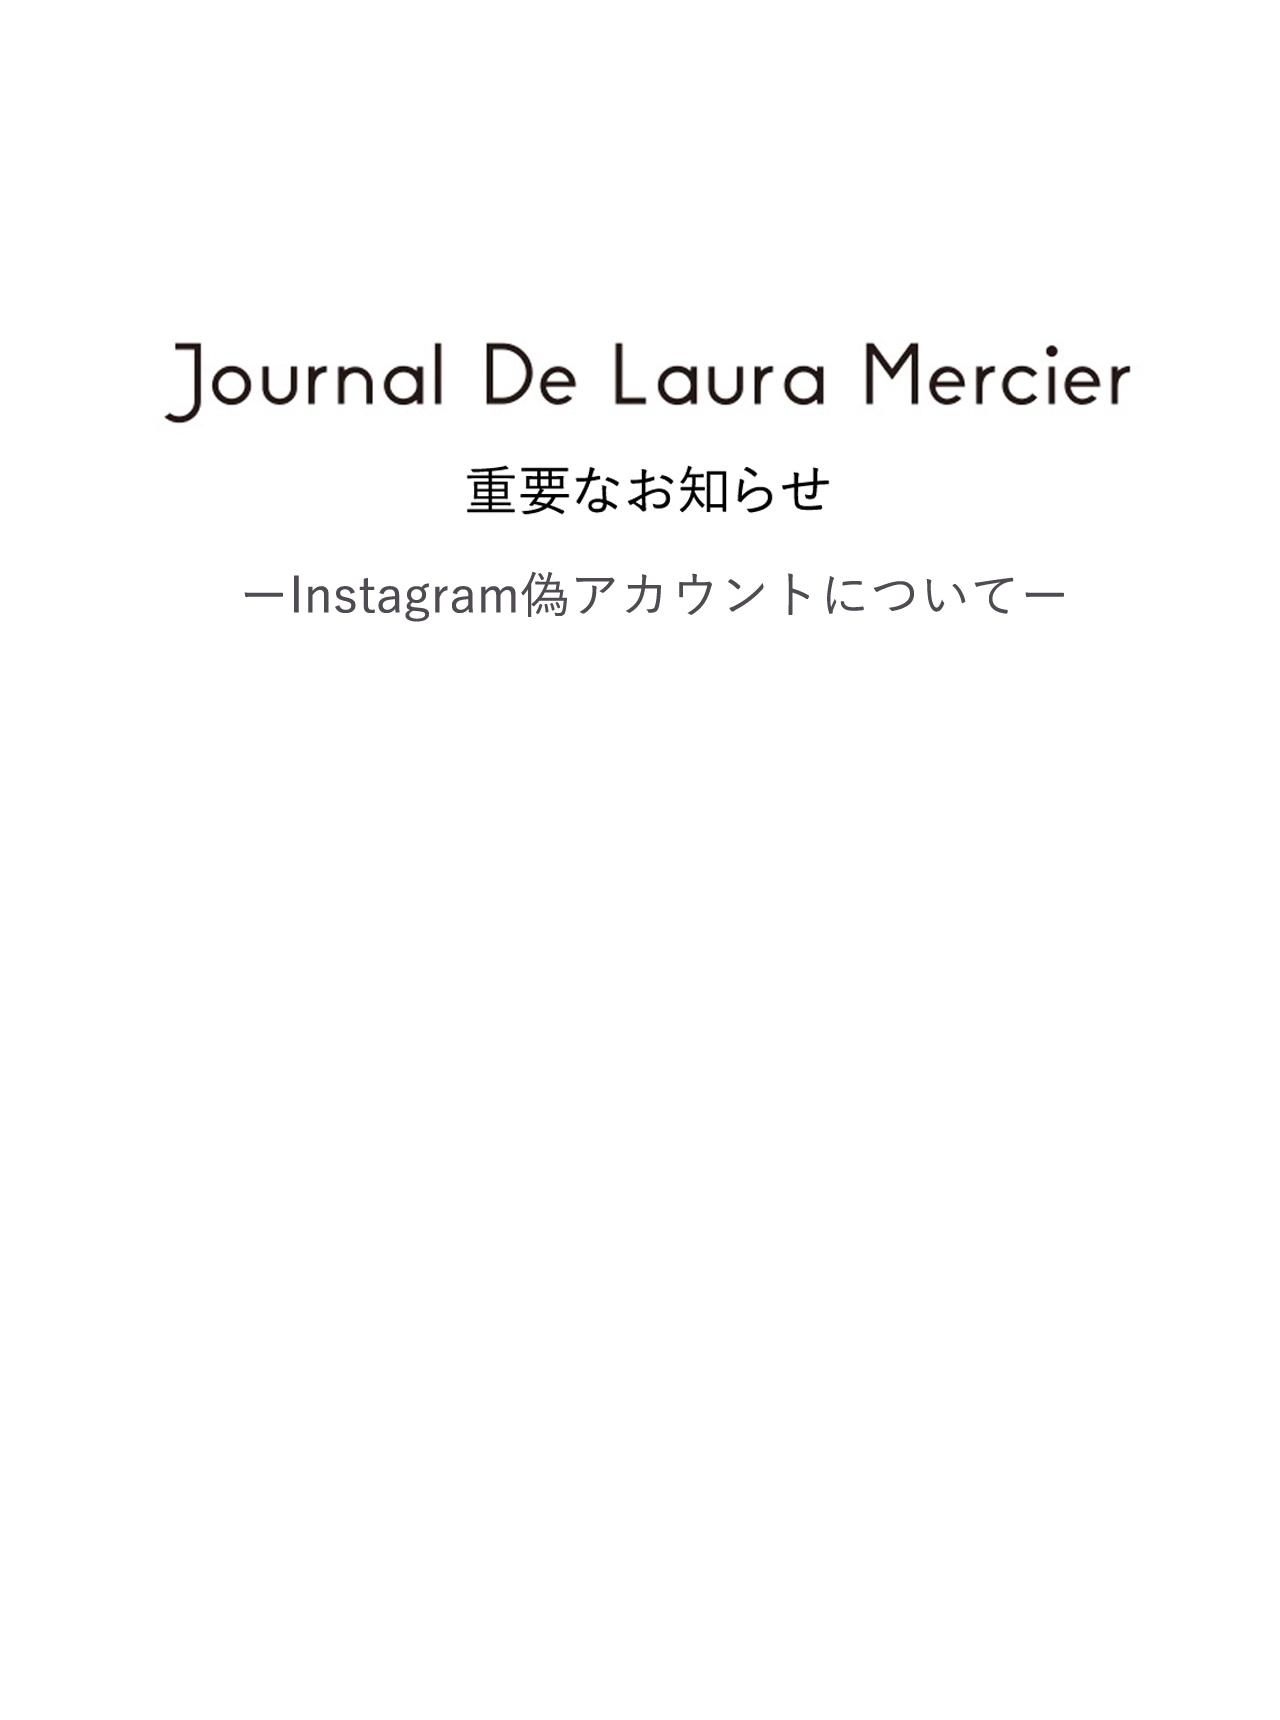 【重要なお知らせ】公式Instagramアカウントを装った偽アカウントにご注意ください。